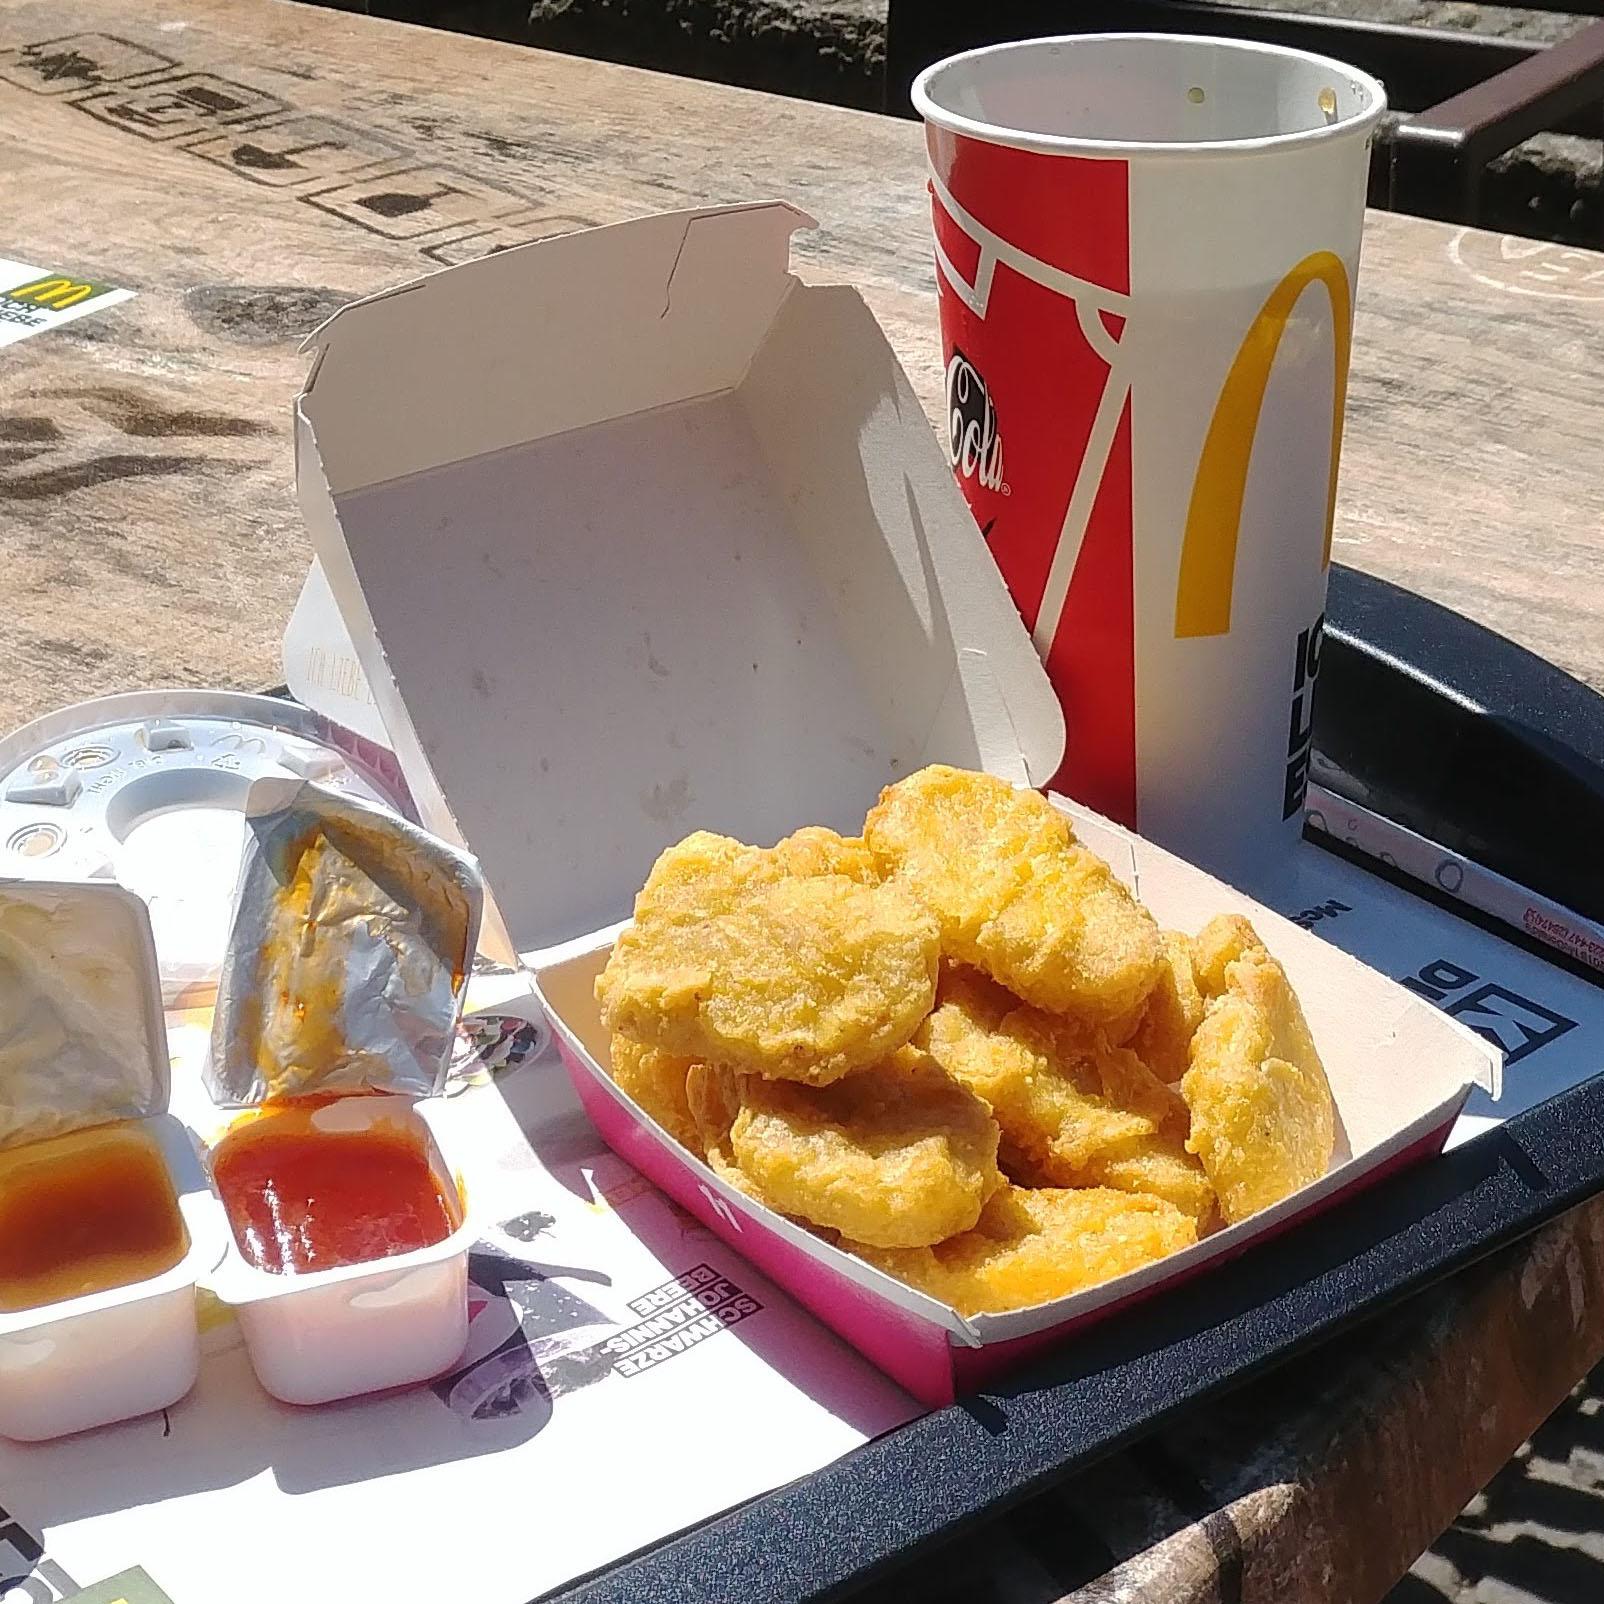 24 McNuggets (4x 6er) bei McDonald's mit 6 Saucen für 3€